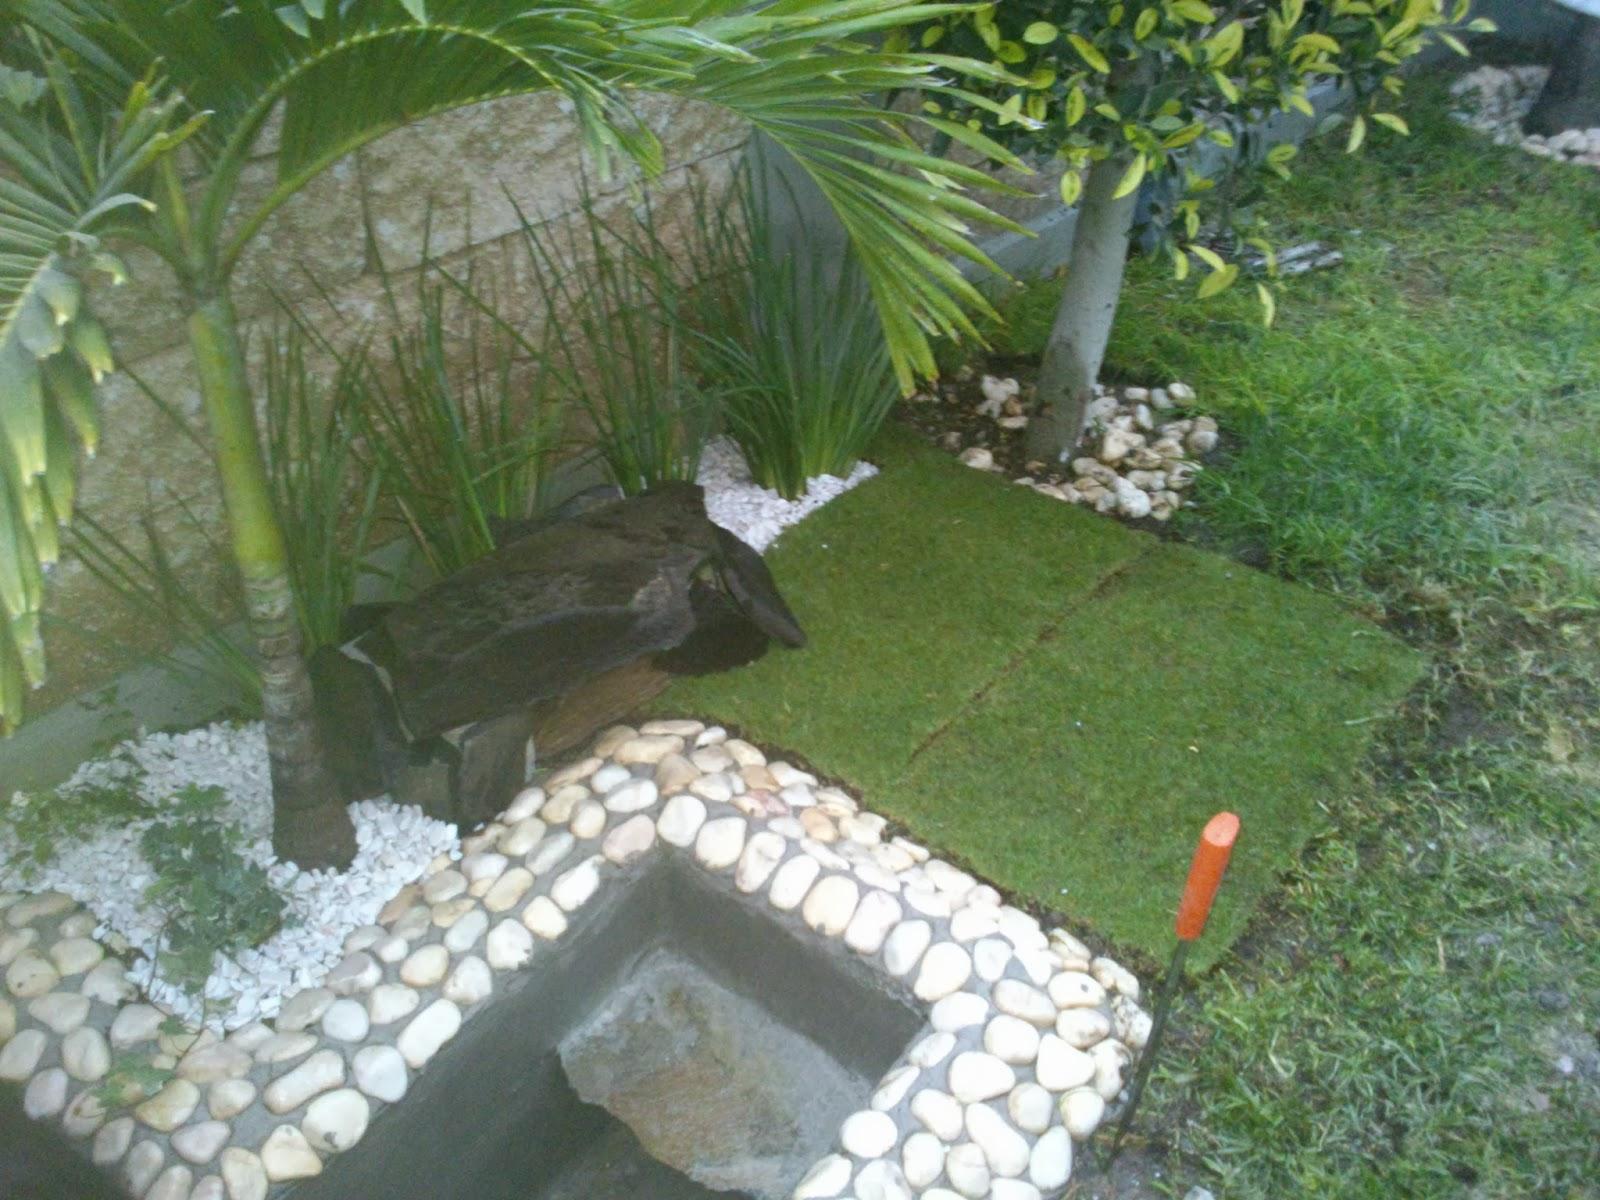 El estanque de mis tortugas noviembre 2013 - Como construir un estanque para tortugas ...